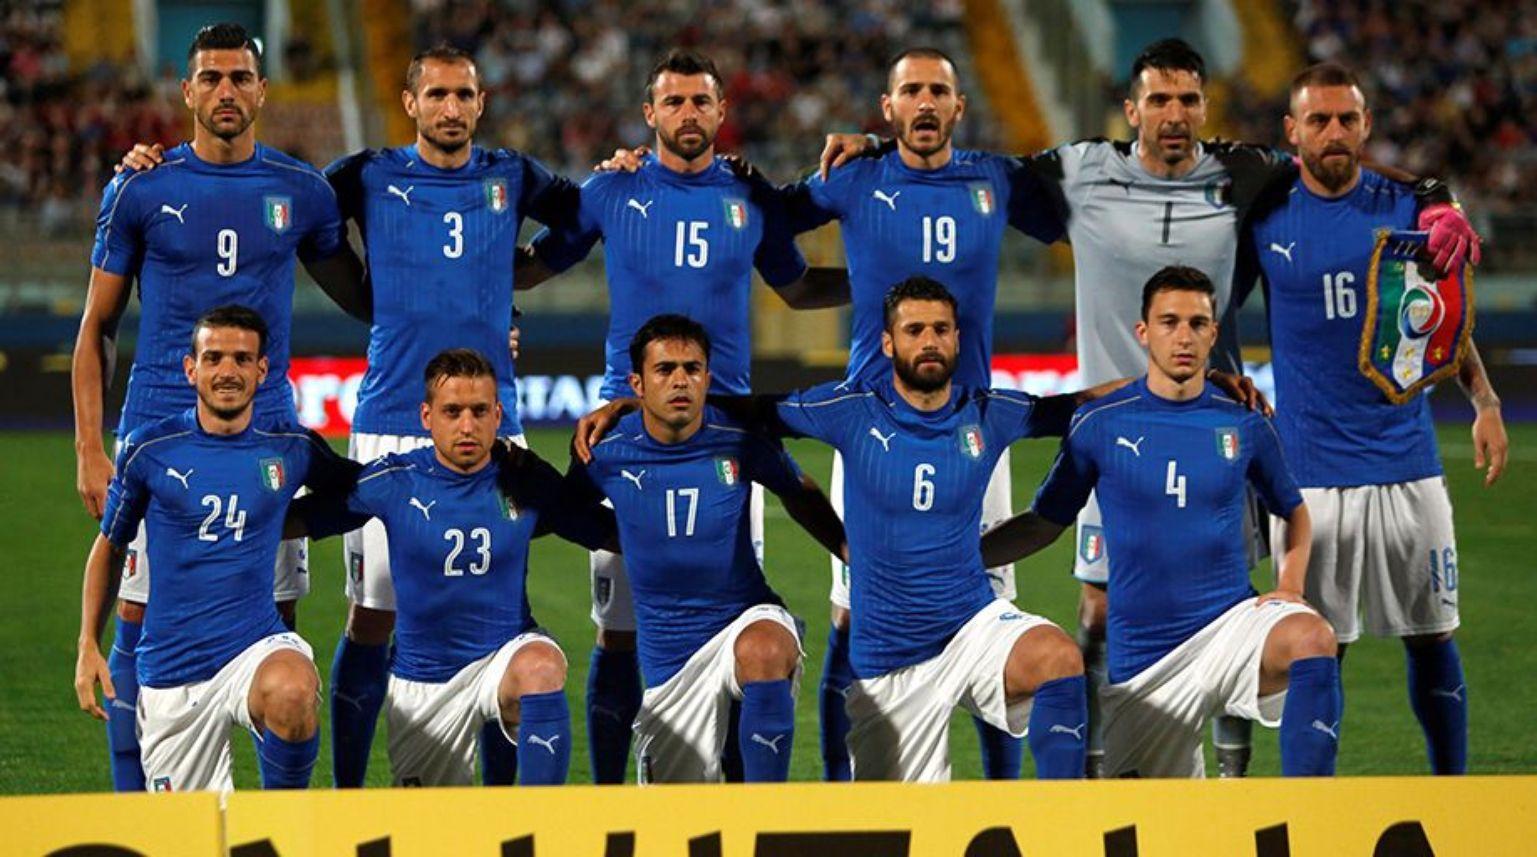 بث مباشر لـ مباراة إيطاليا وفنلندا